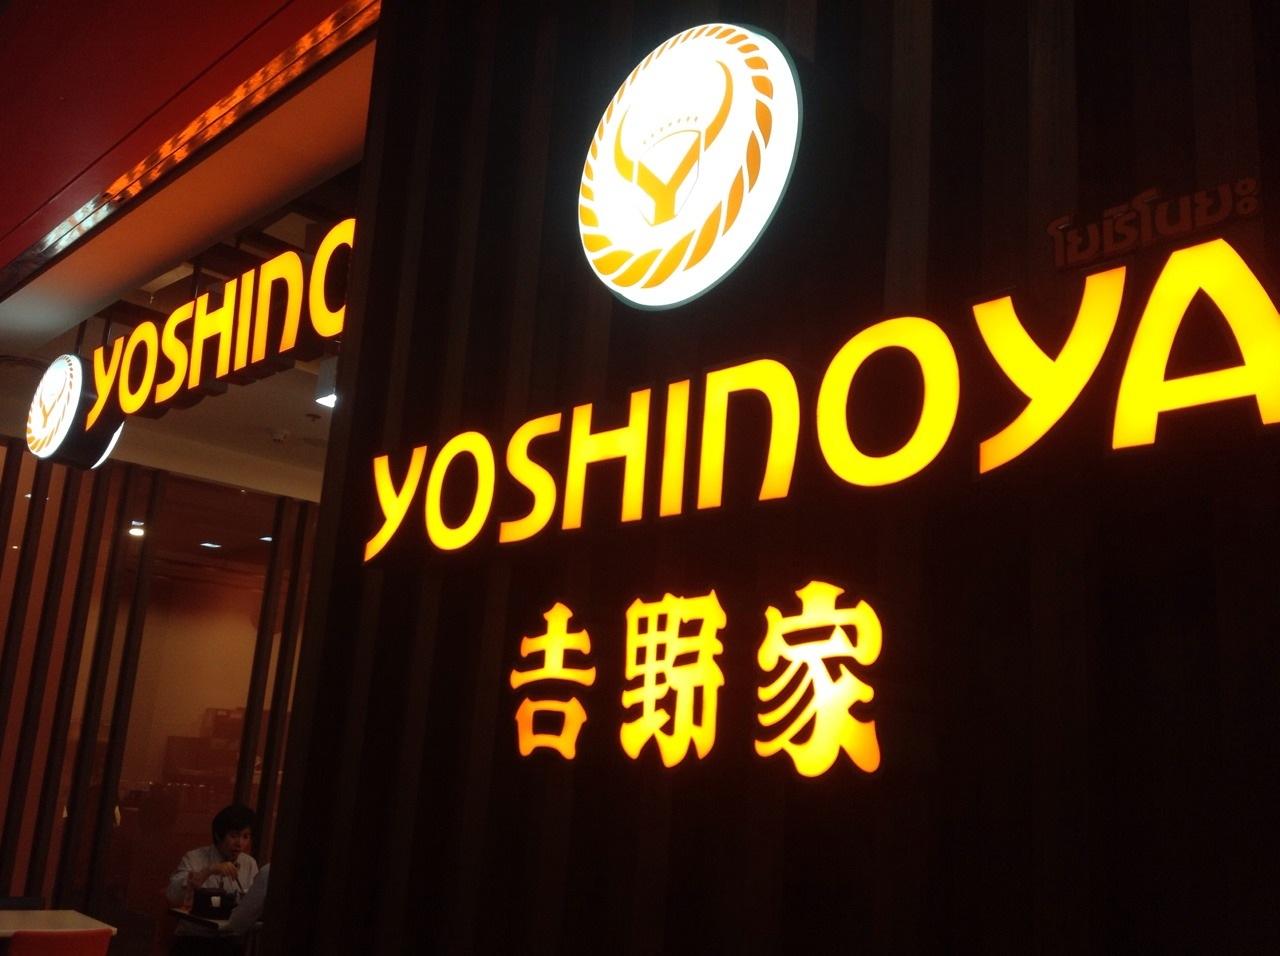 ข้าวหน้าเนื้อ yoshinoya